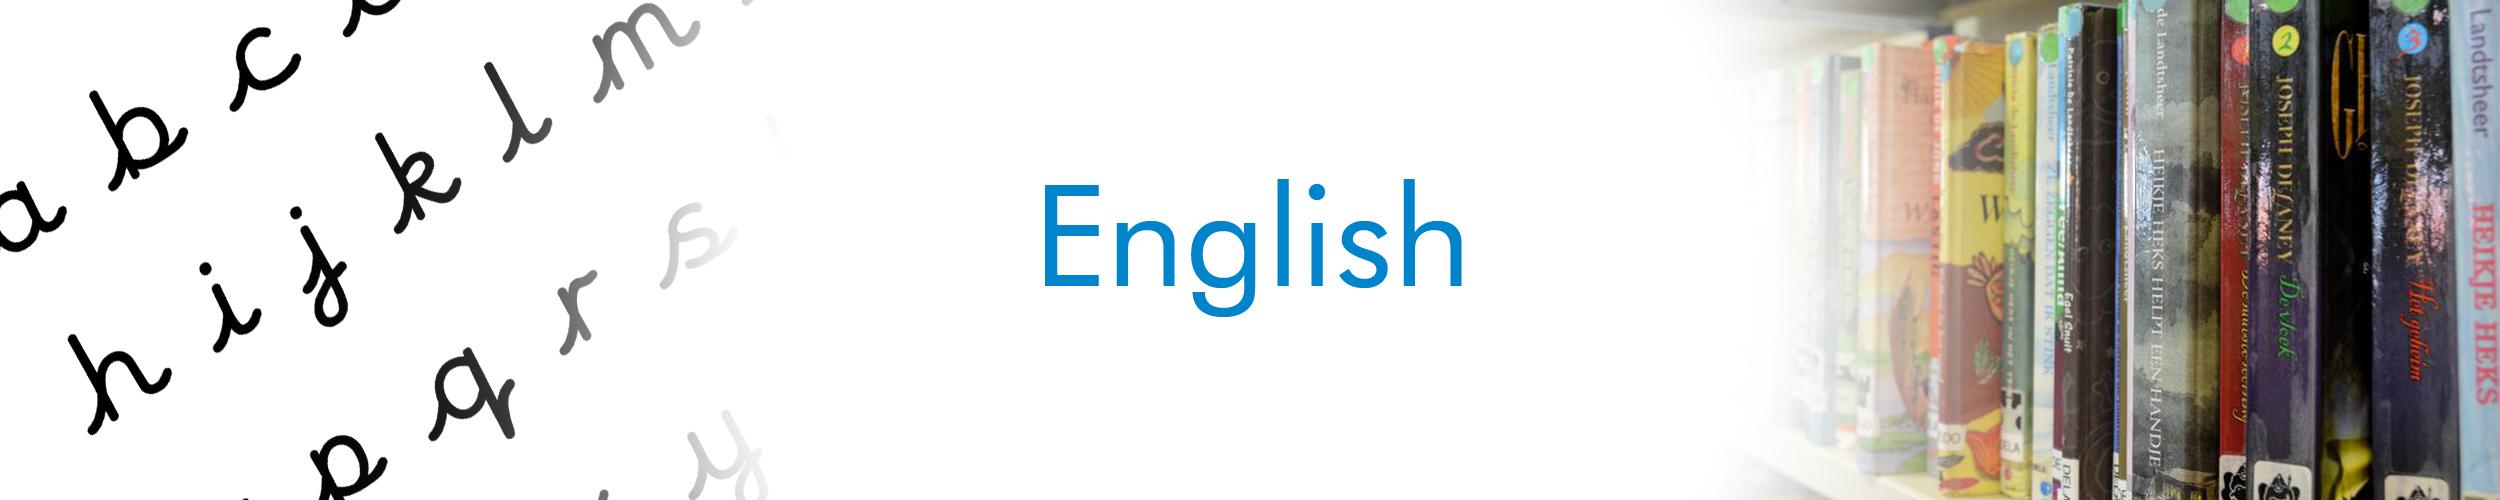 Banner Engllish